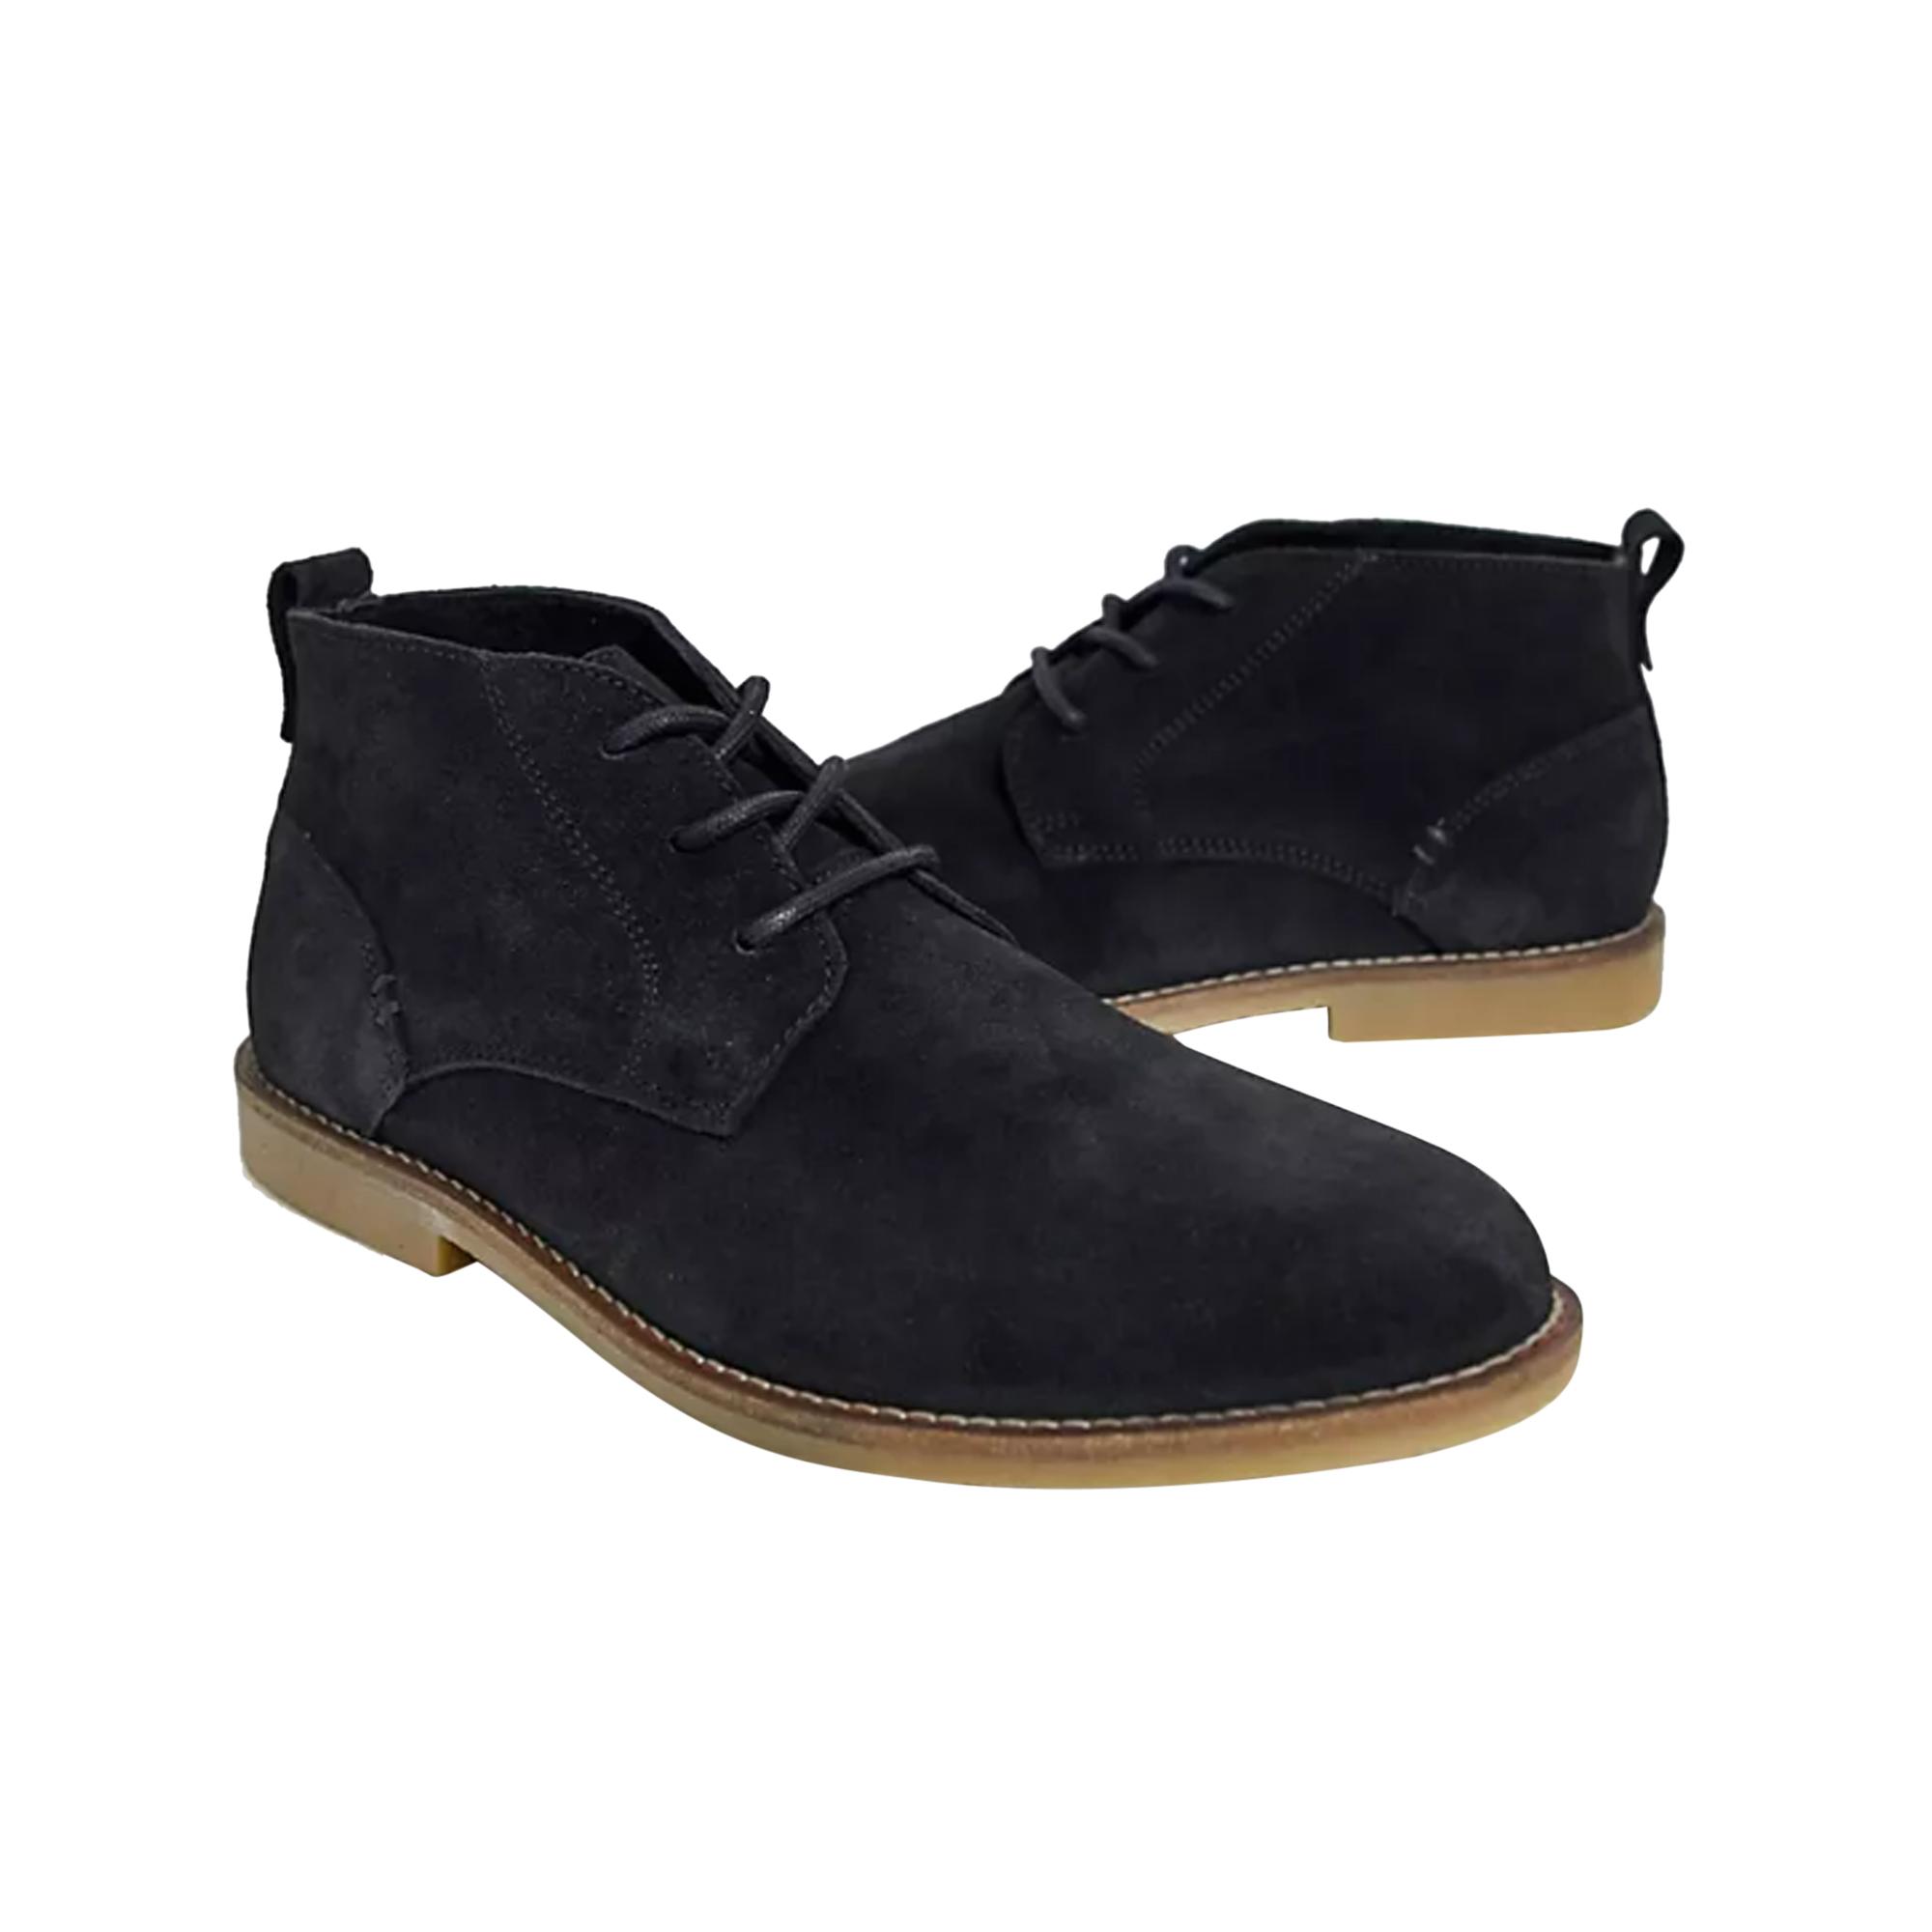 Roamers Mens Real Suede Fulfit Desert Boots (10 UK) (Dark Brown)